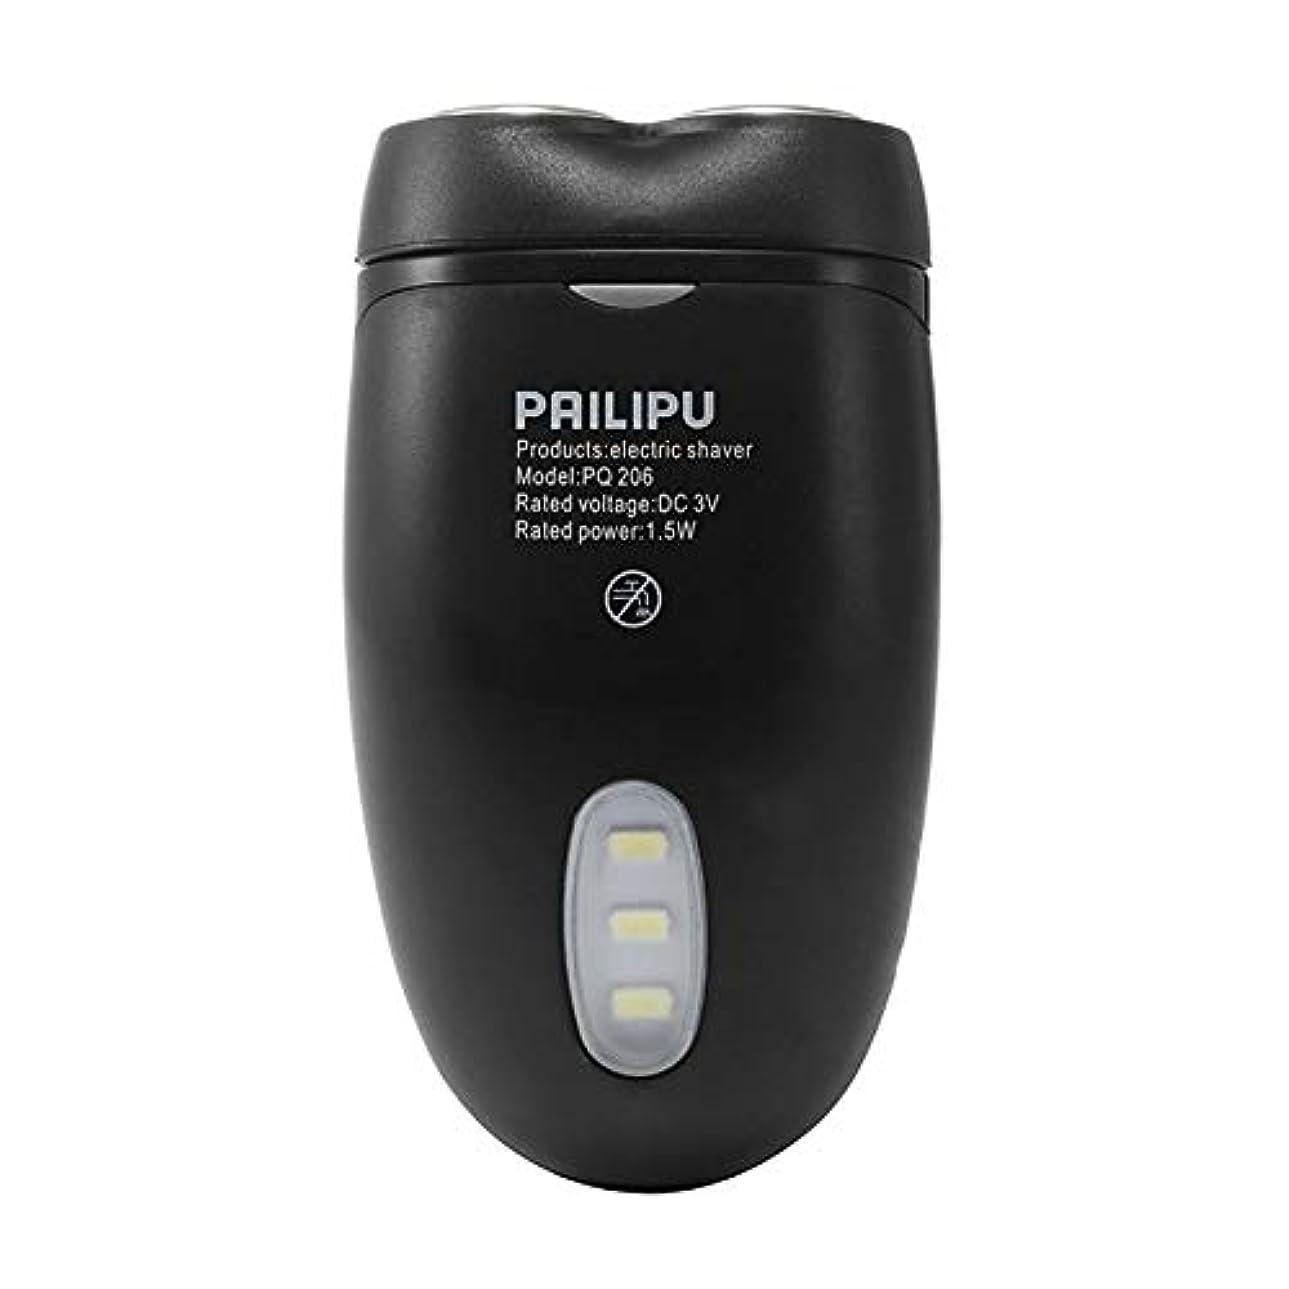 イデオロギー地元下手男性コードレス電気シェーバーカミソリ髭バリカン電池式多機能双頭型LED照明 - ブラック